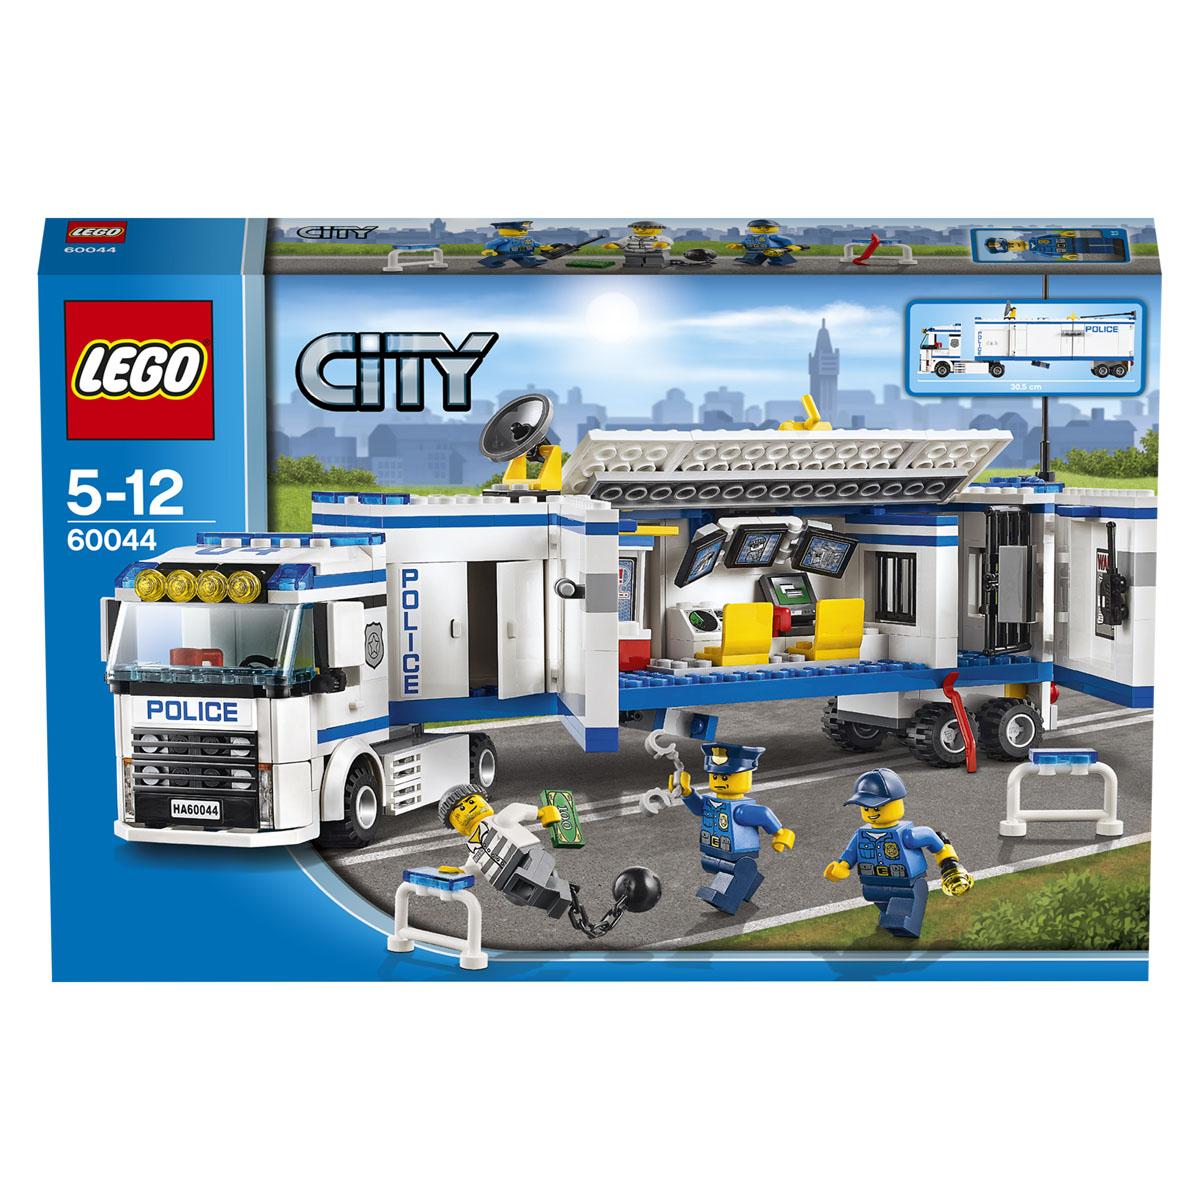 LEGO City Конструктор Выездной отряд полиции 60044 ( 60044 )